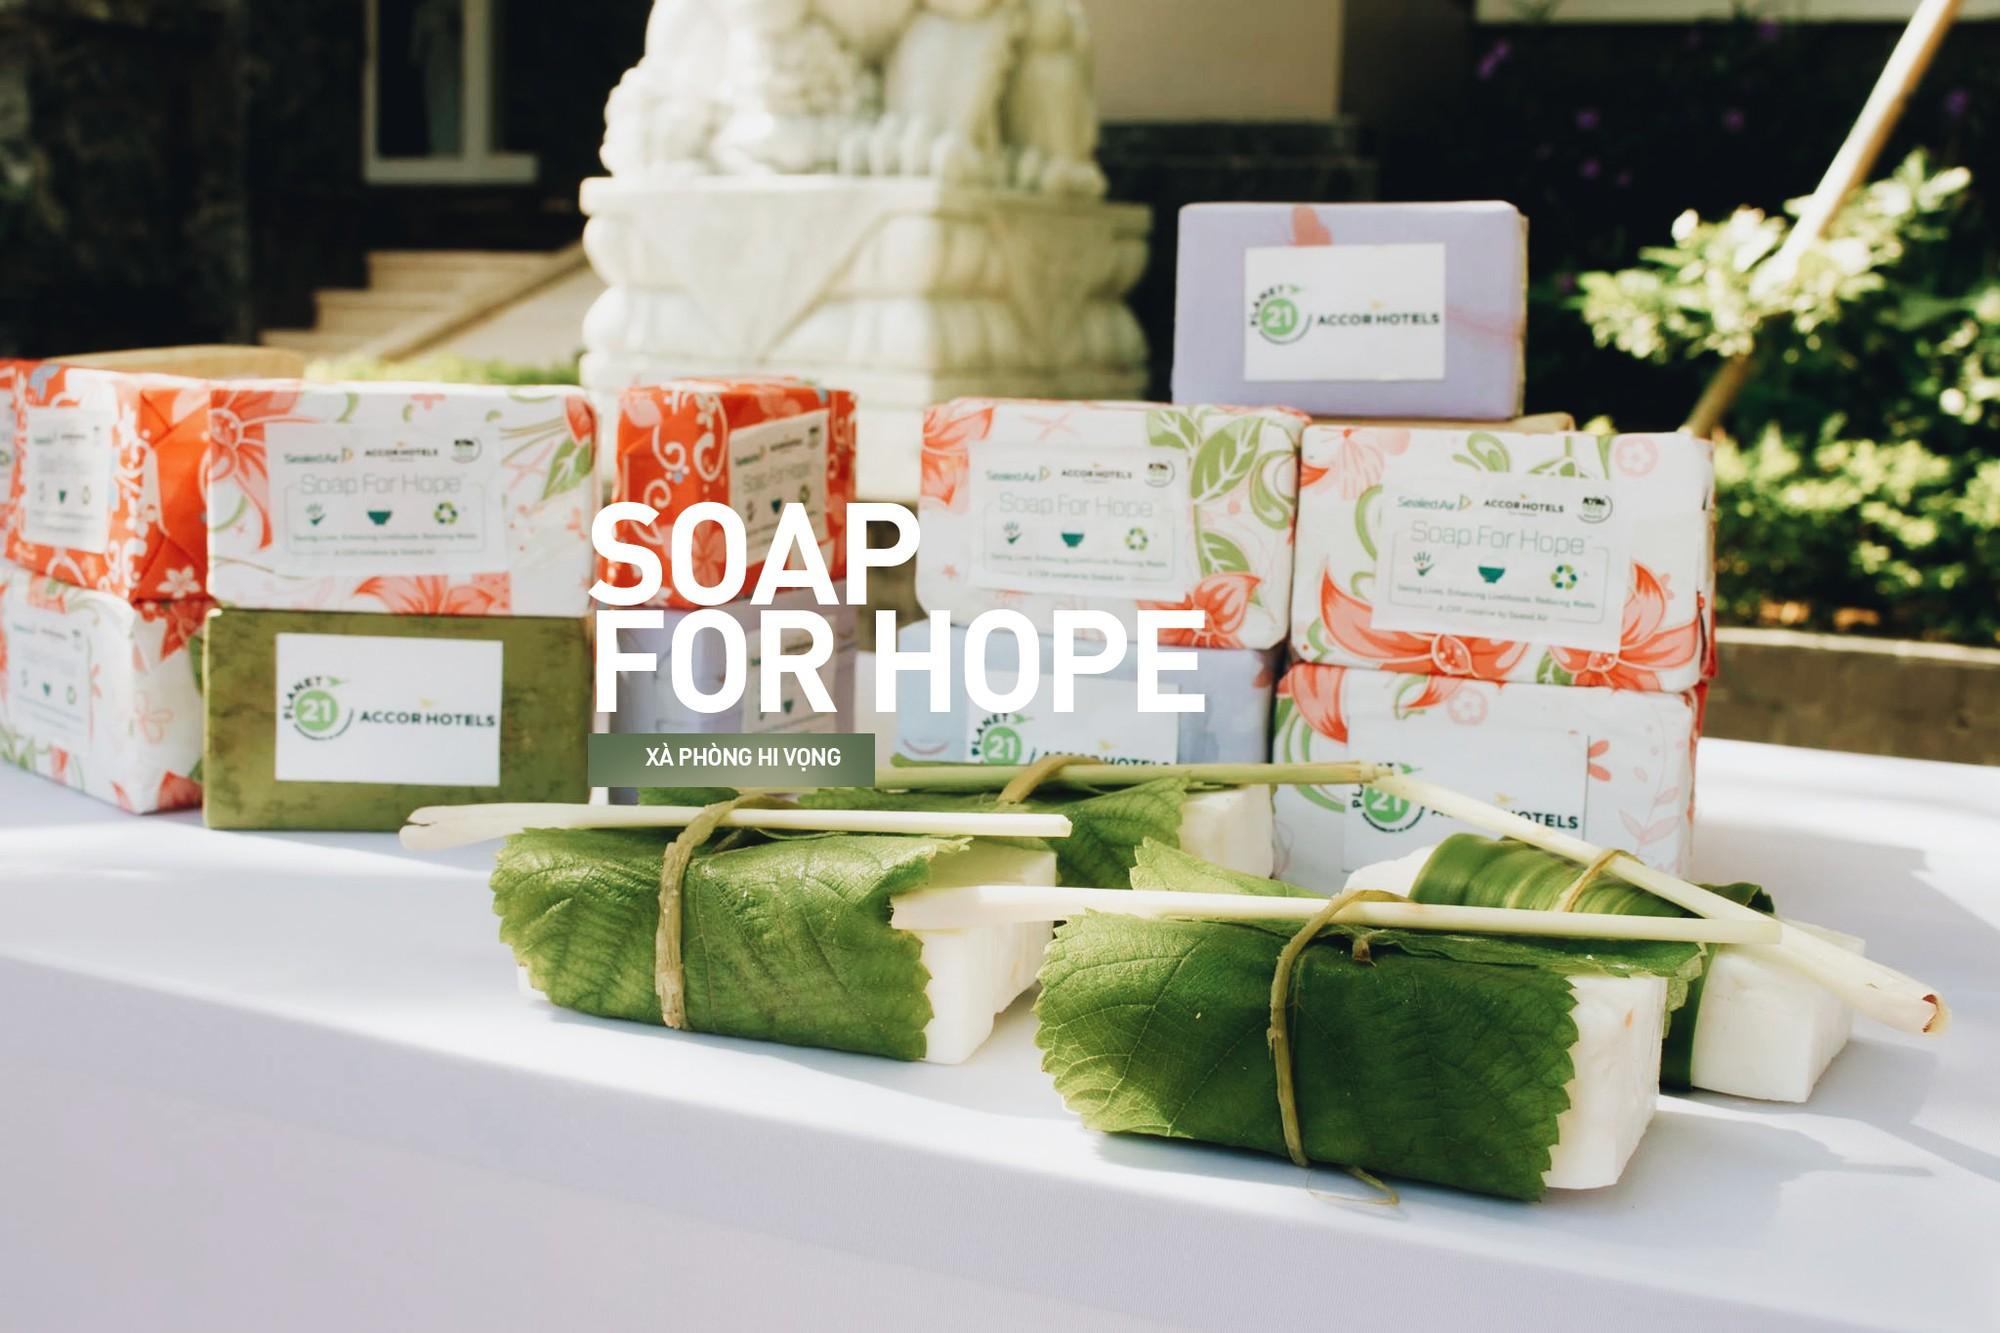 Soap for Hope: Những bánh xà phòng vì cộng đồng, dự án lan toả niềm tích cực - Ảnh 5.